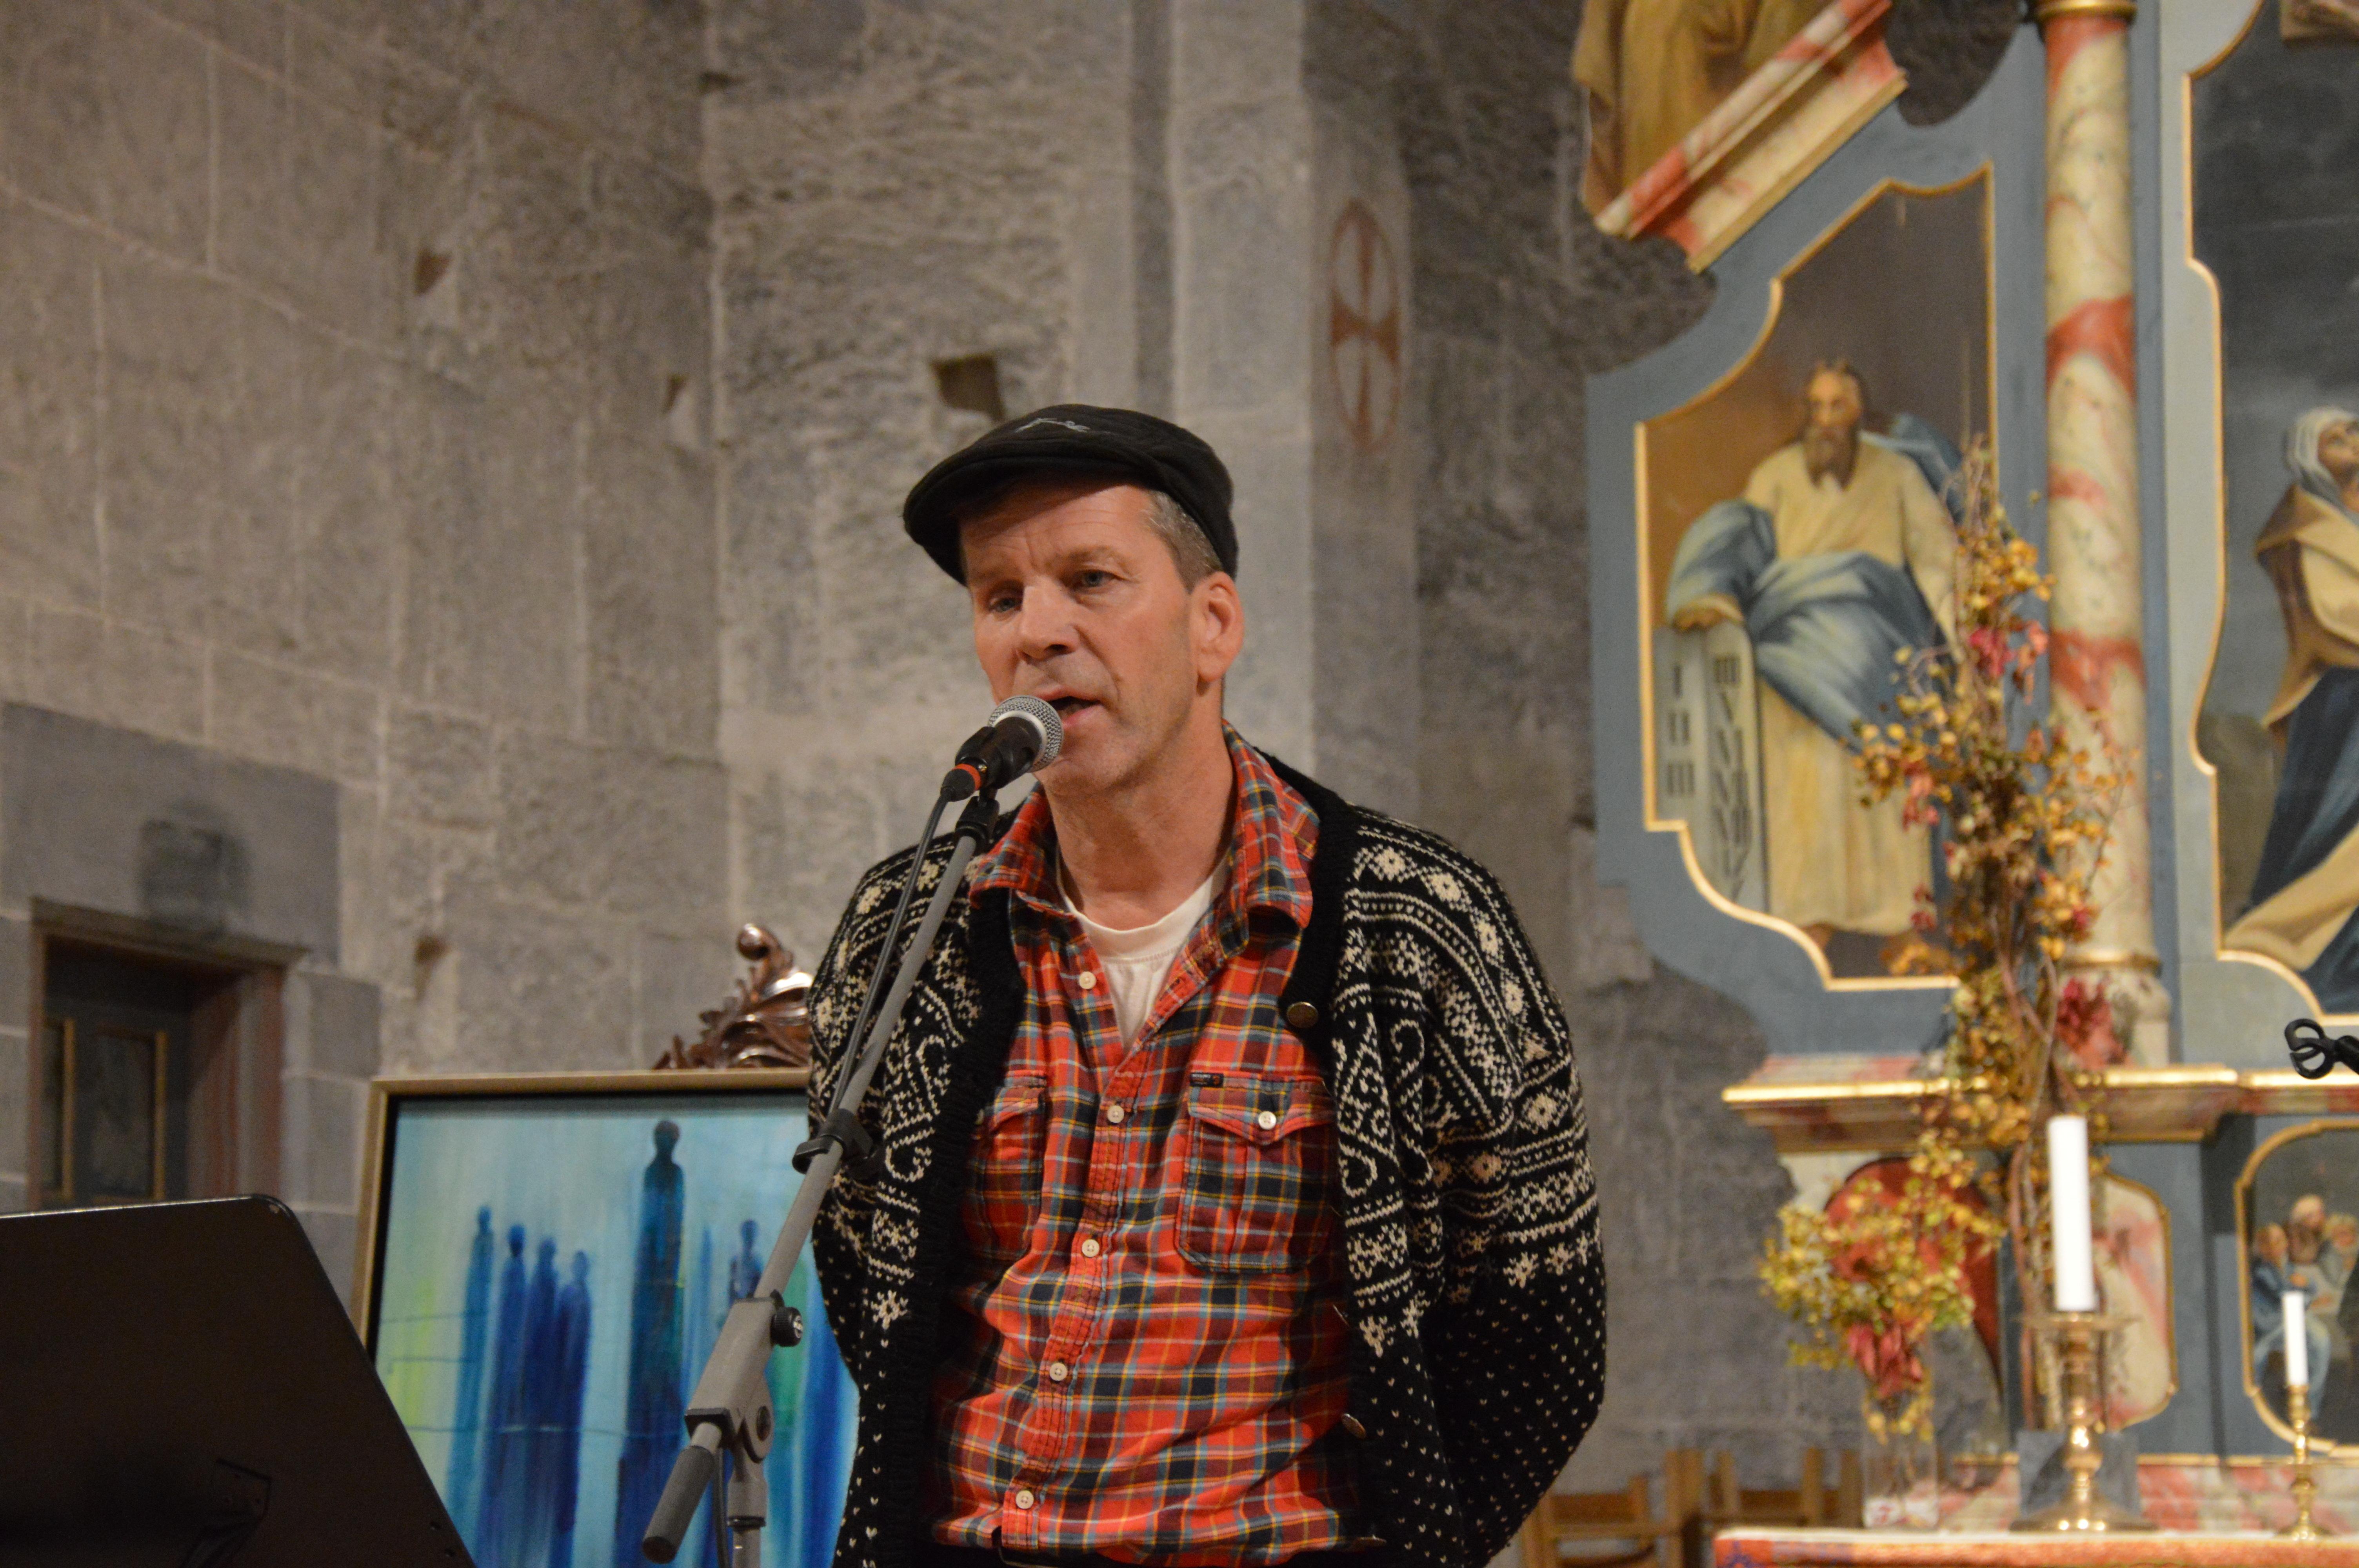 Innsamlingskonsert i Herøy kirke_Ola